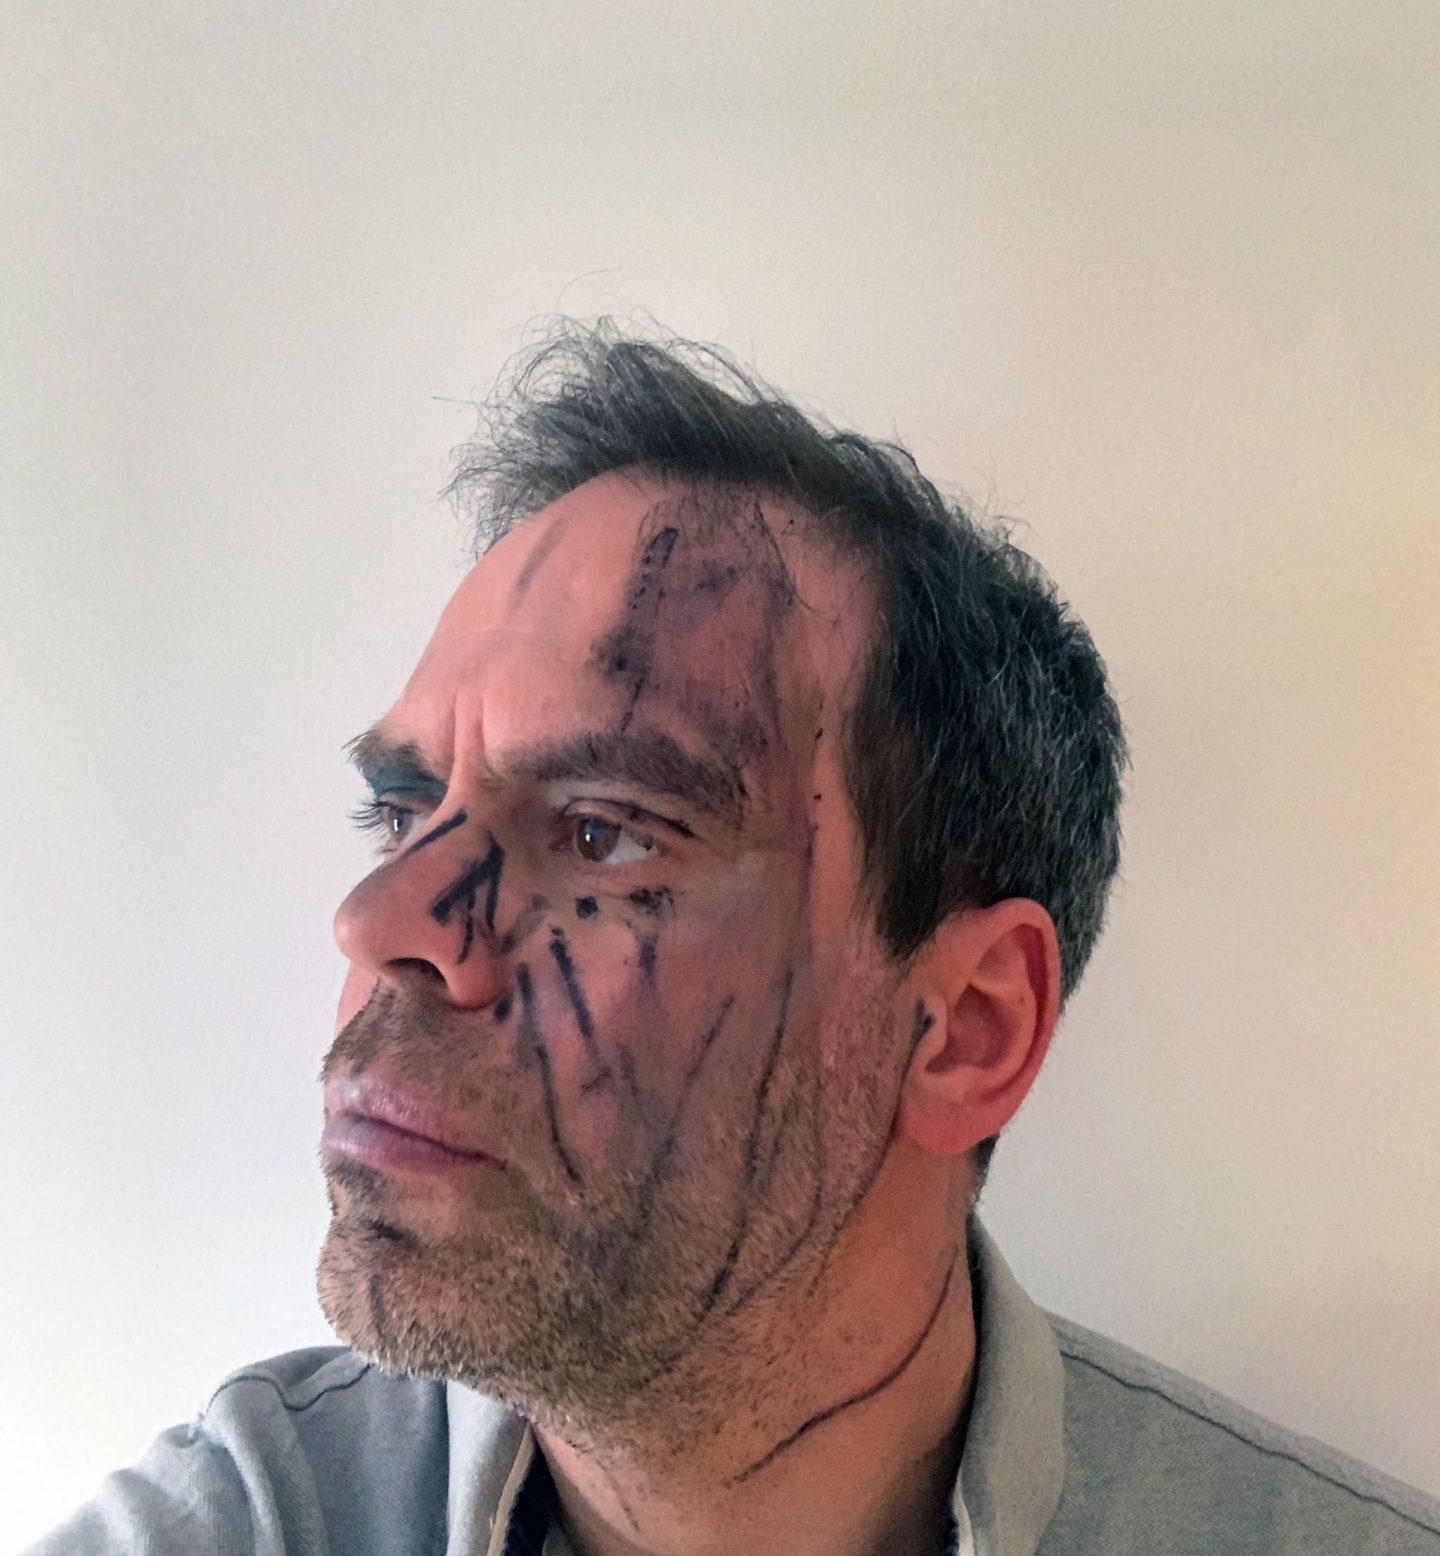 make up, cosmetics, should children wear make up, what age children makeup, dadbloguk, uk dad blog, dad blog